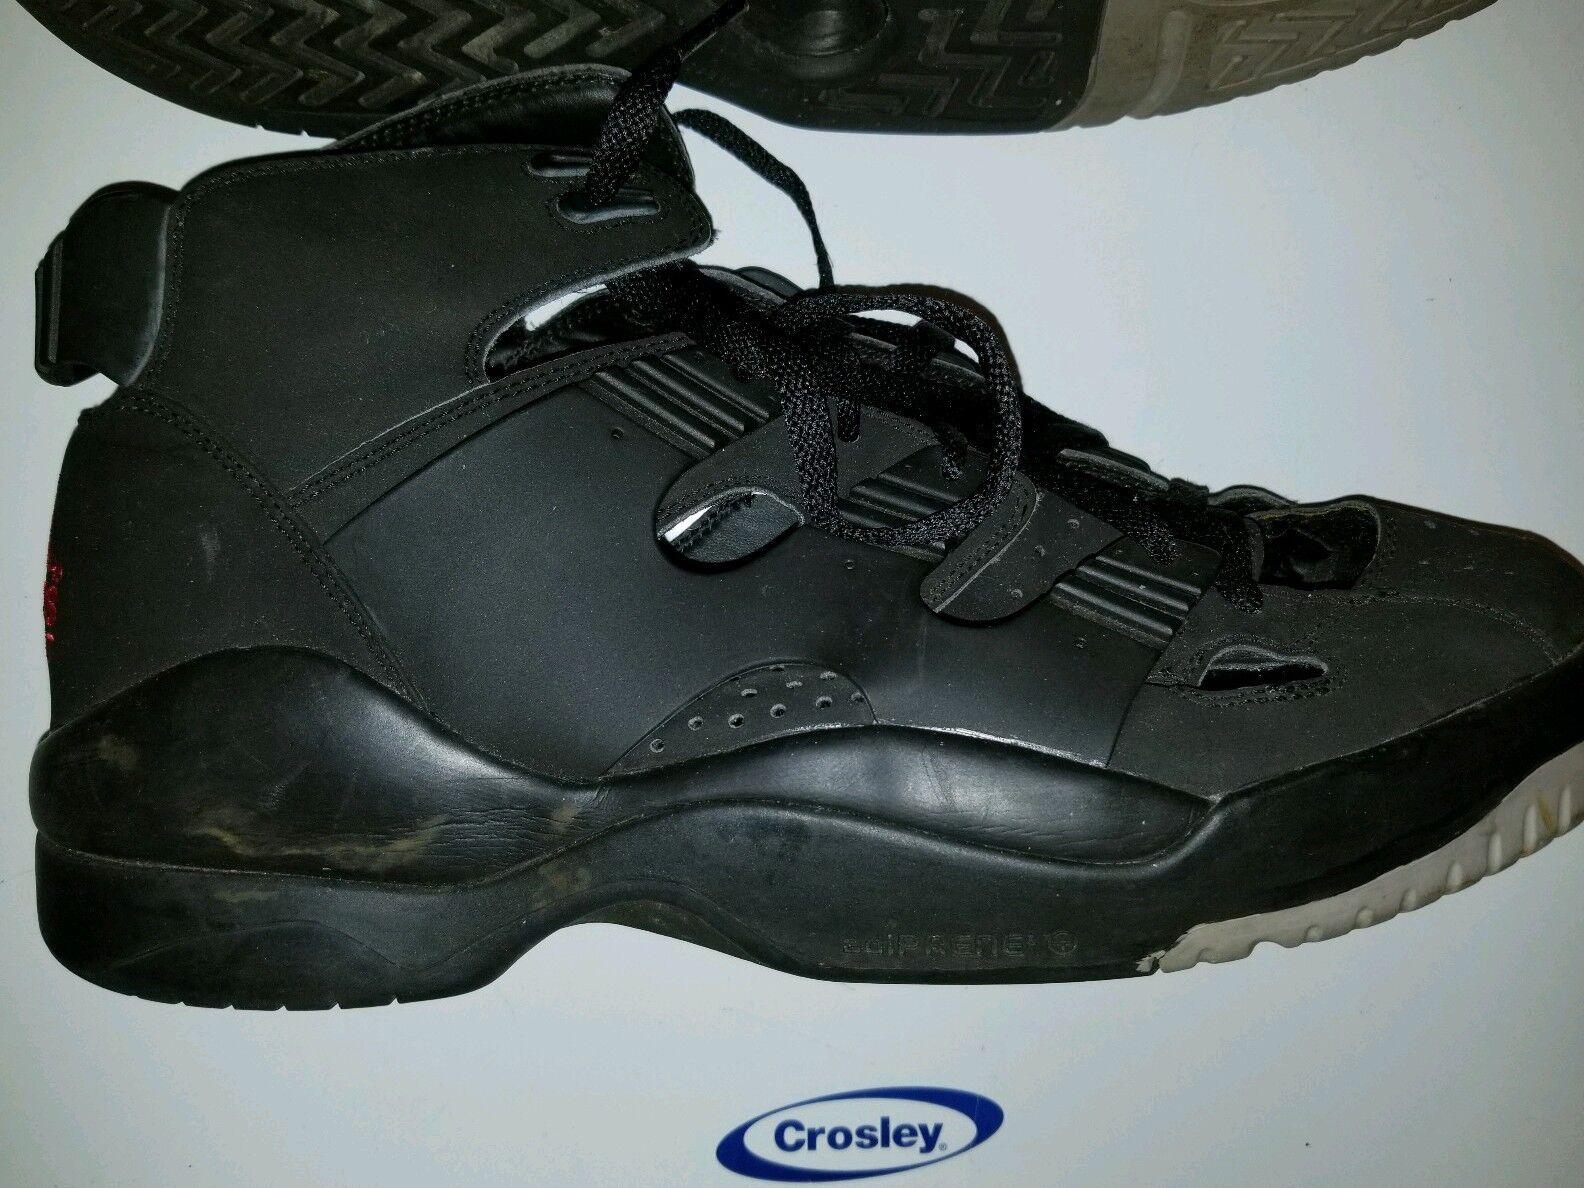 Adidas attrezzature adiprene atletico mens scarpe (clj657001) pizzo nero su su su dimensioni 13   Design ricco  f023b2